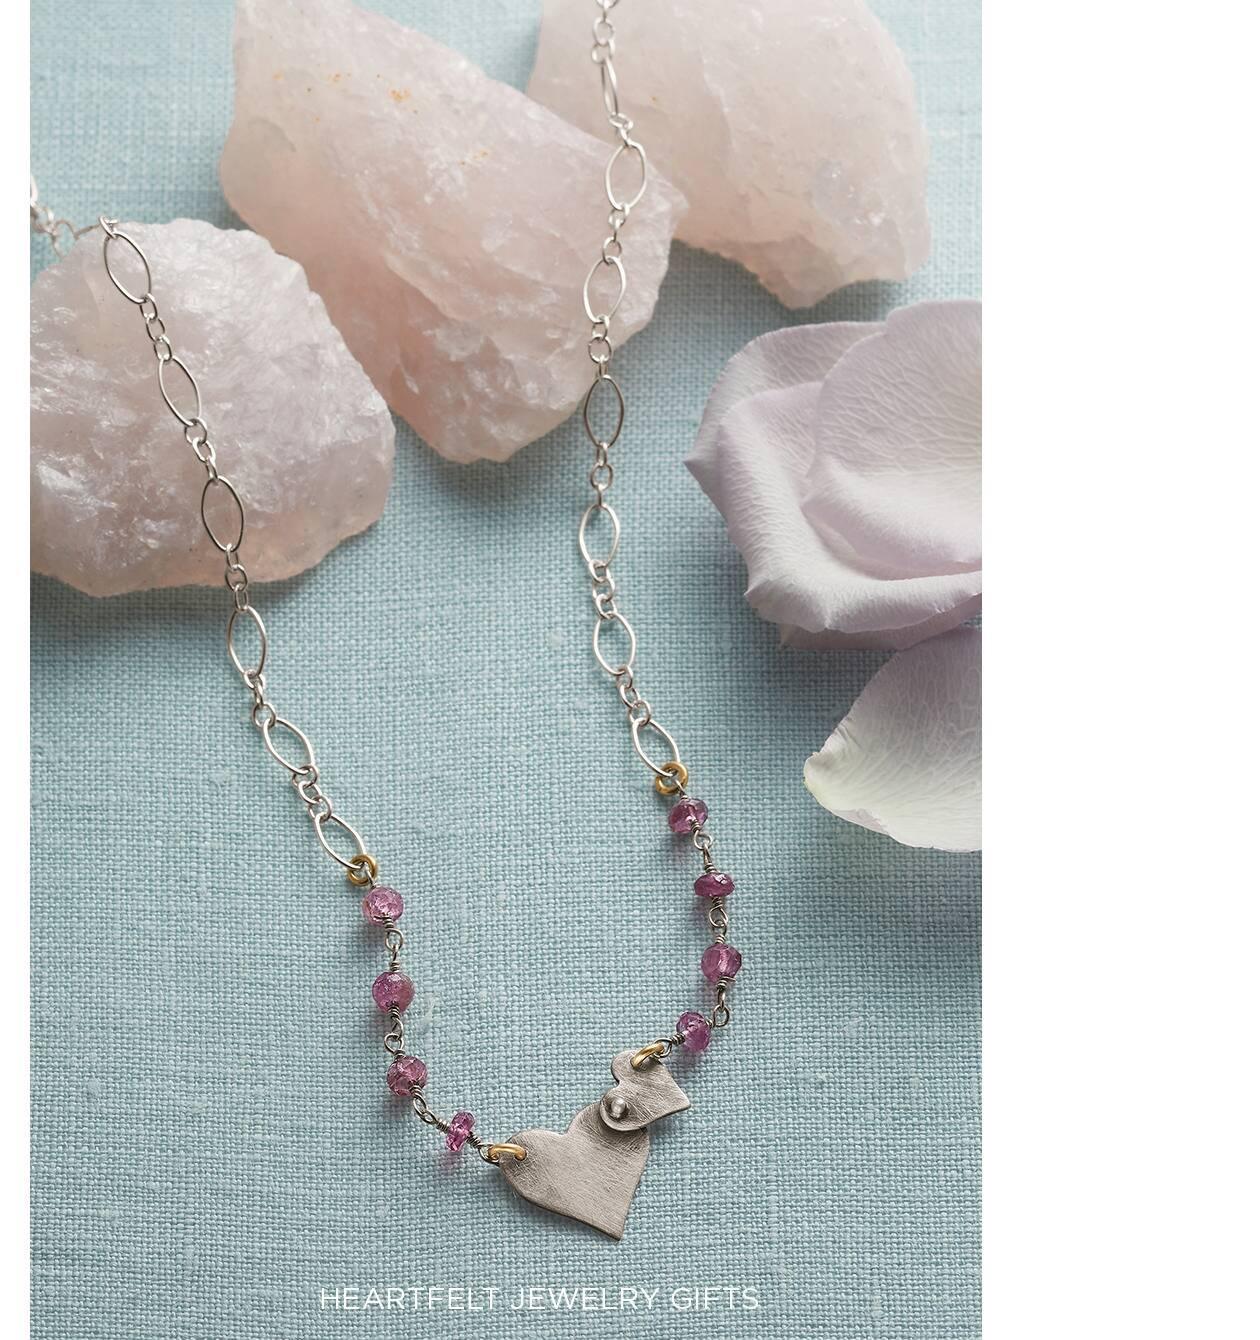 Heartfelt Jewelry Gifts